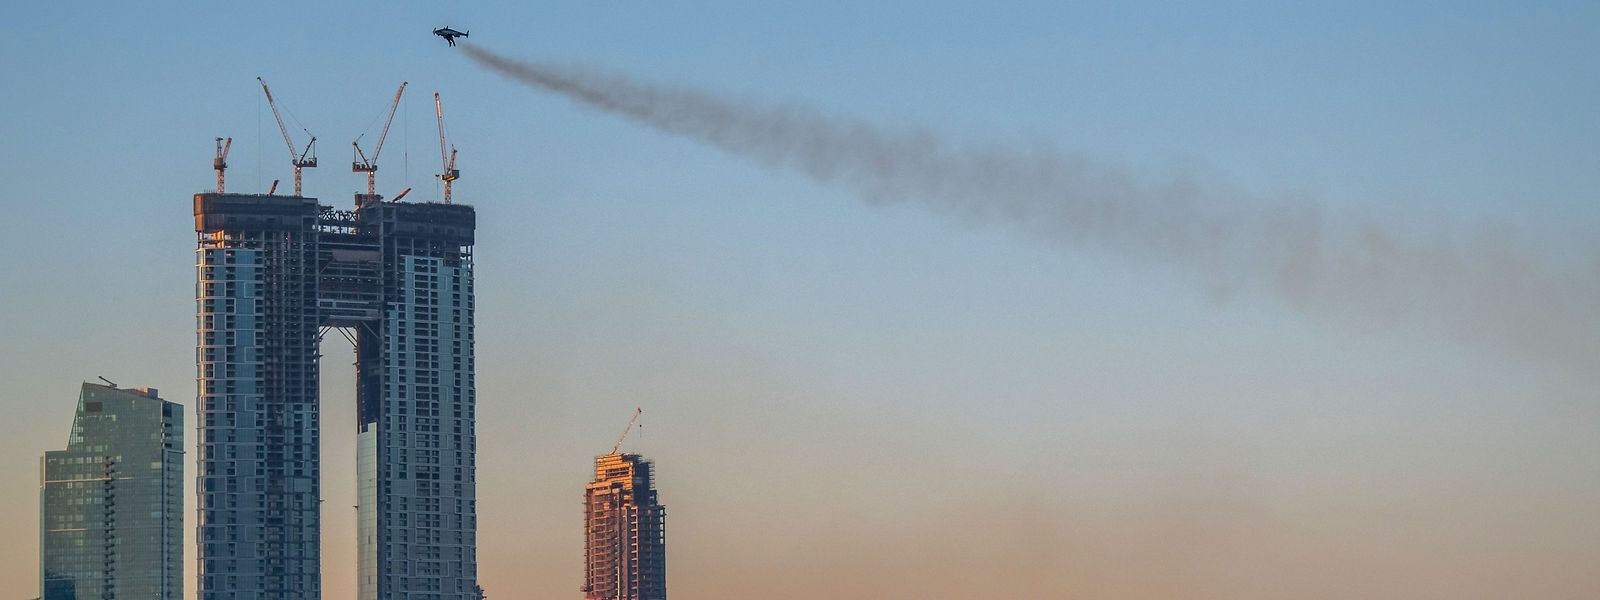 En 30 secondes, Yves Rossy avait parcouru 1 kilomètre, survolant l'hôtel Jumeirah Beach Residence